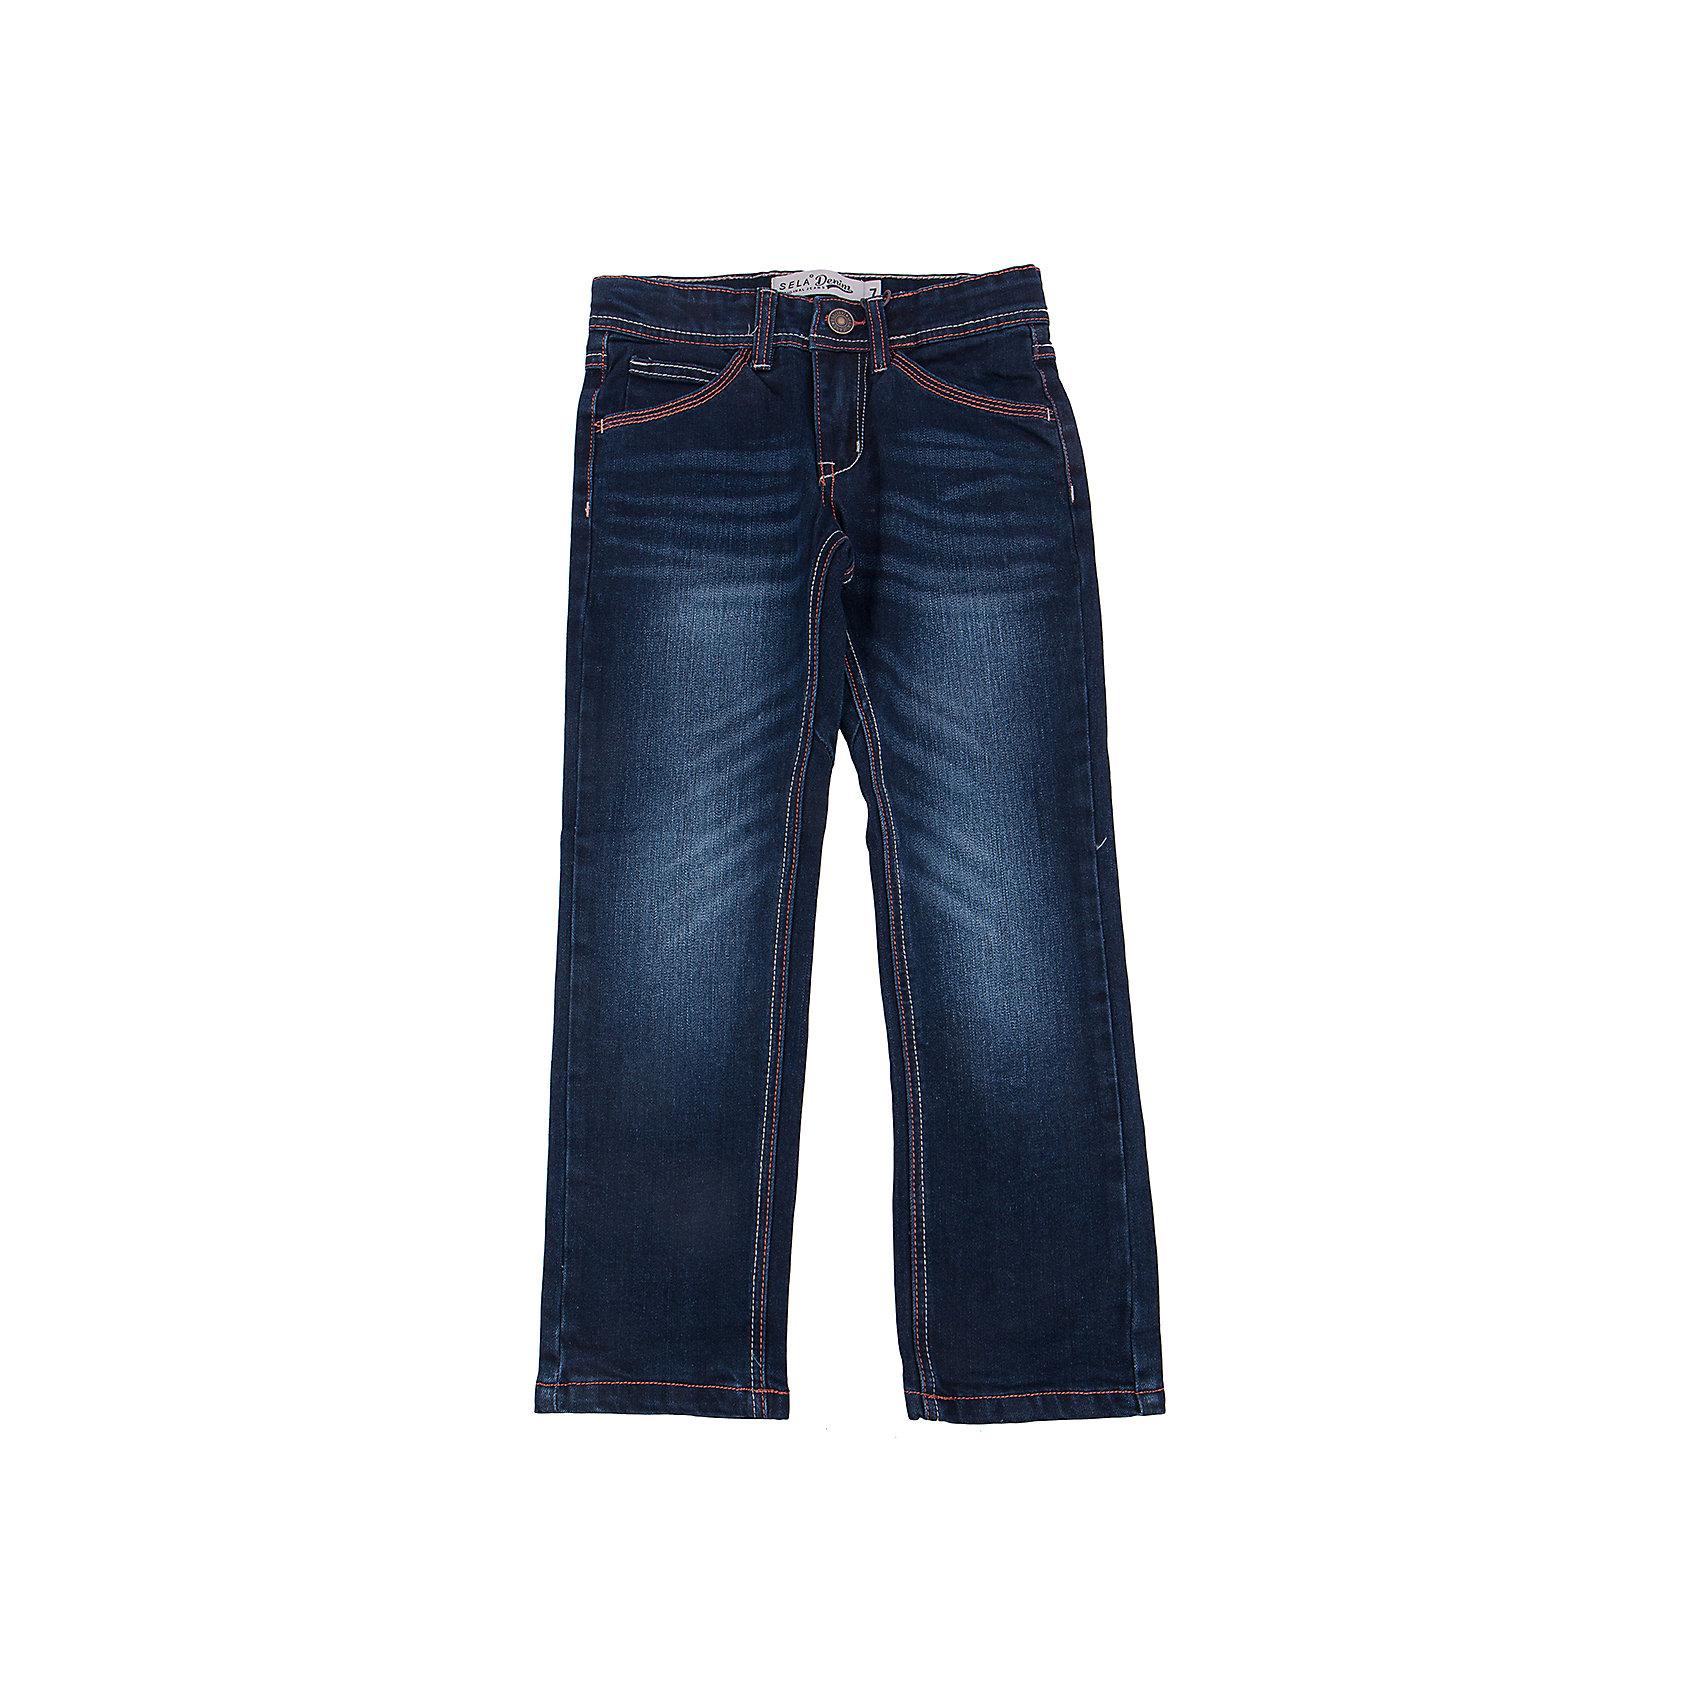 Джинсы для мальчика SELAДжинсы - незаменимая вещь в детском гардеробе. Эта модель отлично сидит на ребенке, она сшита из плотного материала, натуральный хлопок не вызывает аллергии и обеспечивает ребенку комфорт. Модель станет отличной базовой вещью, которая будет уместна в различных сочетаниях.<br>Одежда от бренда Sela (Села) - это качество по приемлемым ценам. Многие российские родители уже оценили преимущества продукции этой компании и всё чаще приобретают одежду и аксессуары Sela.<br><br>Дополнительная информация:<br><br>прямой силуэт;<br>материал: 76% хлопок, 16% ПЭ, 6% вискоза, 2% эластан; подкладка: 60% хлопок, 40% ПЭ;<br>плотный материал.<br><br>Джинсы для мальчика от бренда Sela можно купить в нашем интернет-магазине.<br><br>Ширина мм: 215<br>Глубина мм: 88<br>Высота мм: 191<br>Вес г: 336<br>Цвет: синий<br>Возраст от месяцев: 132<br>Возраст до месяцев: 144<br>Пол: Мужской<br>Возраст: Детский<br>Размер: 152,146,140,134,128,122<br>SKU: 5008085